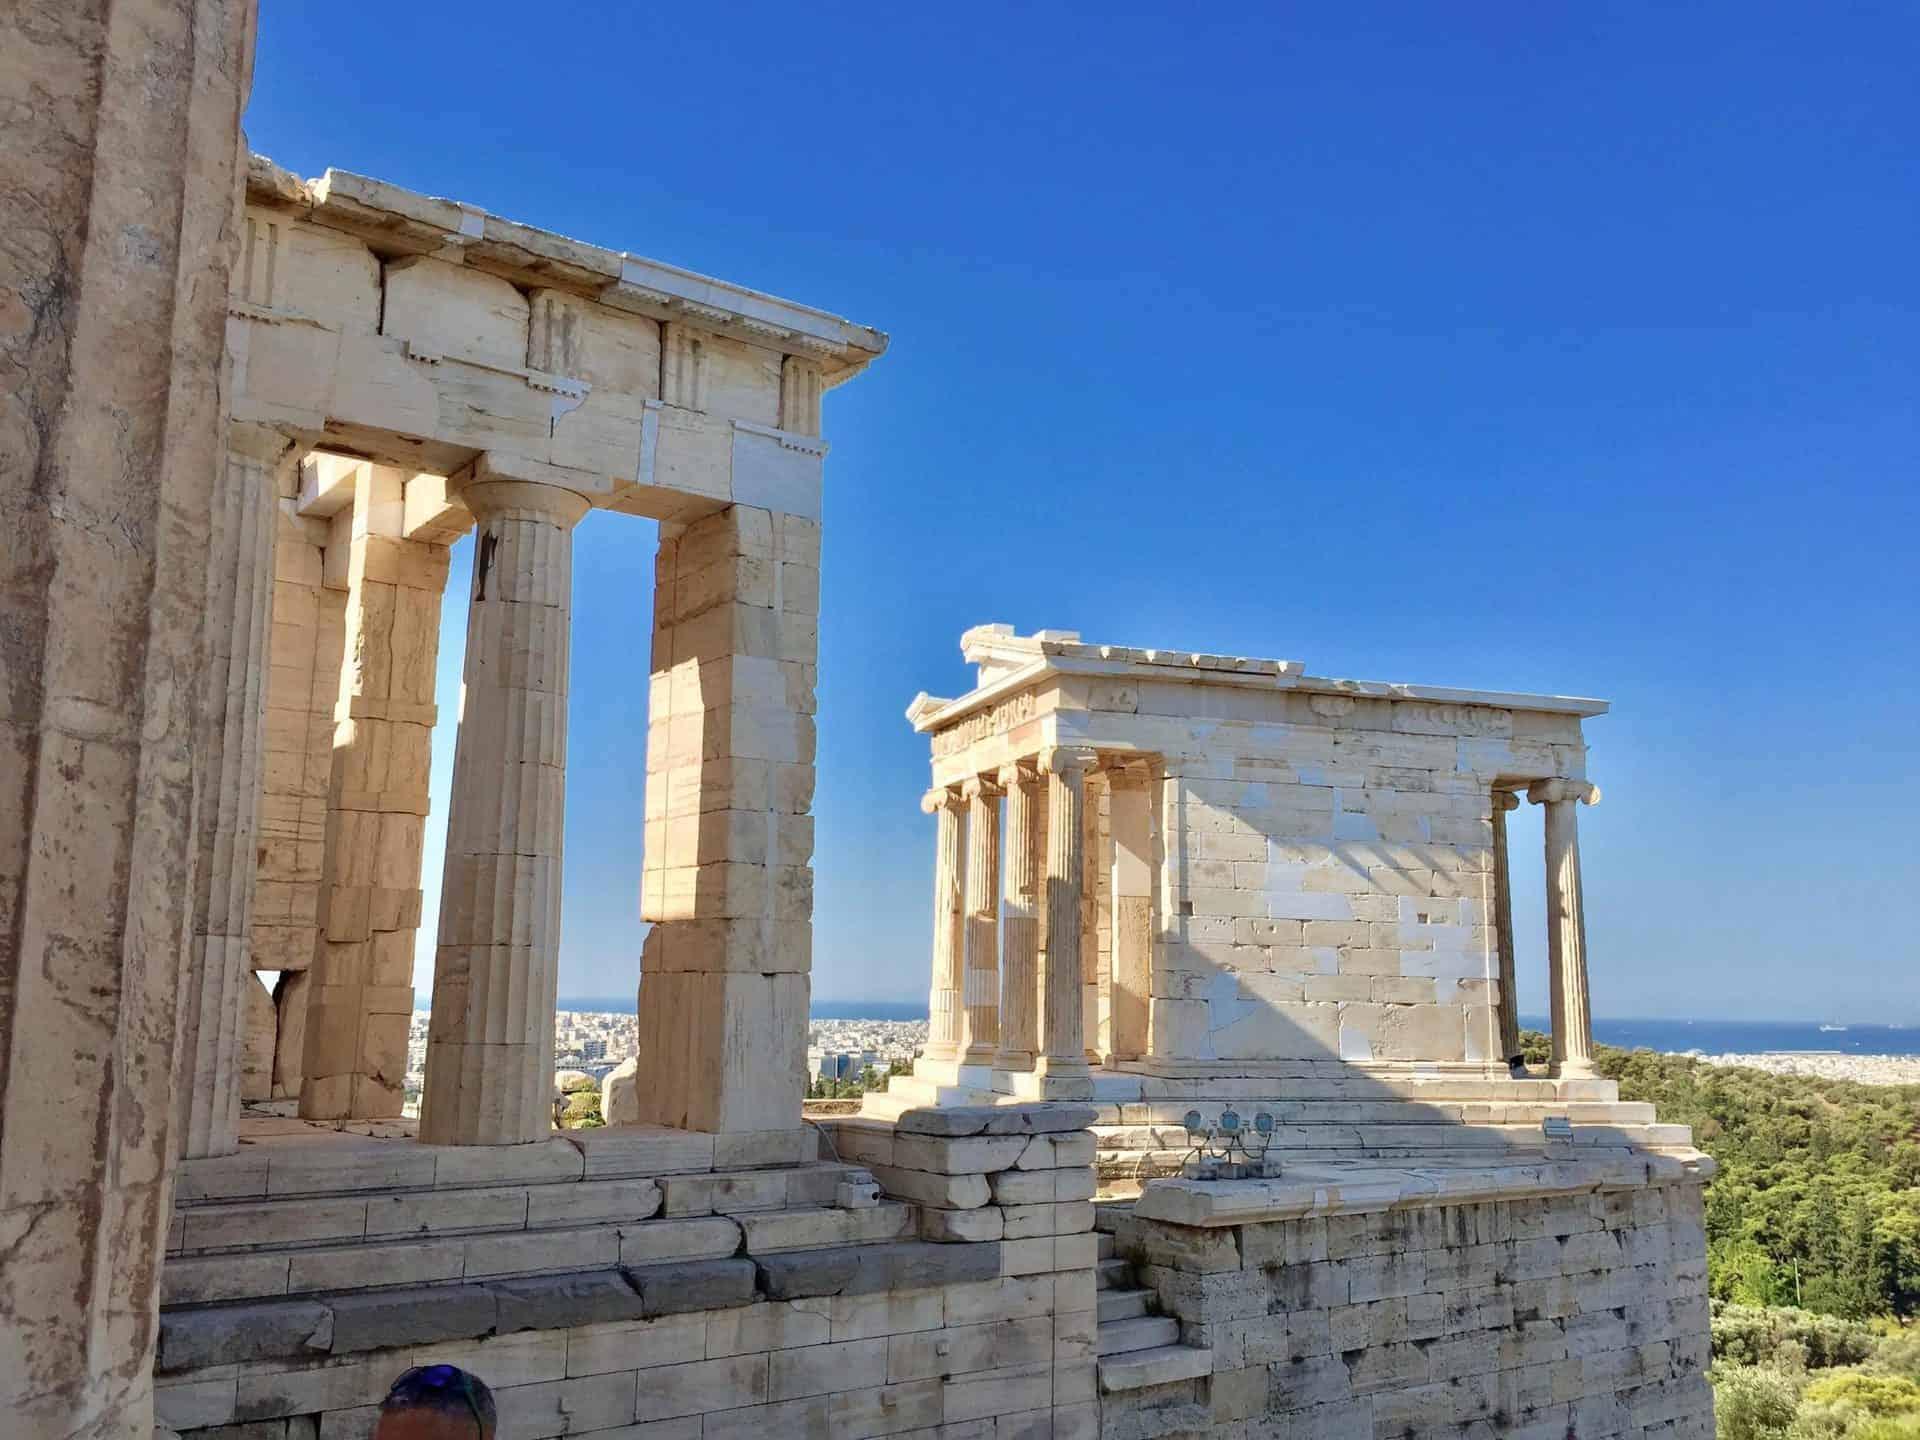 athens_acropolis19-Temple-of-Athena-Nike-37.97162, 23.72499